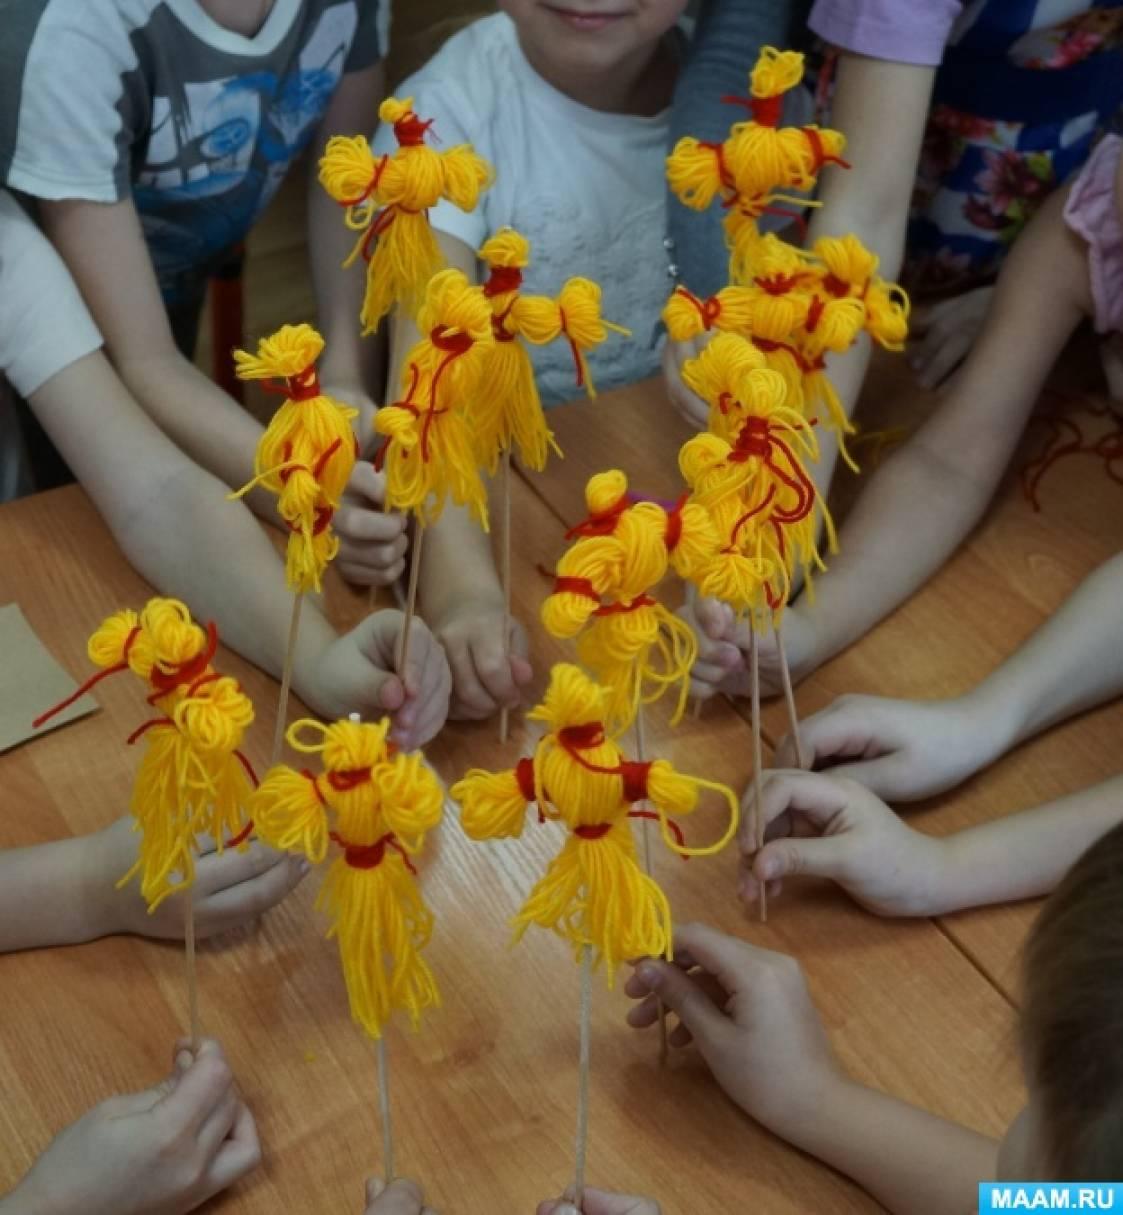 Мастер-класс по изготовлению куклы из ниток «Масленица»